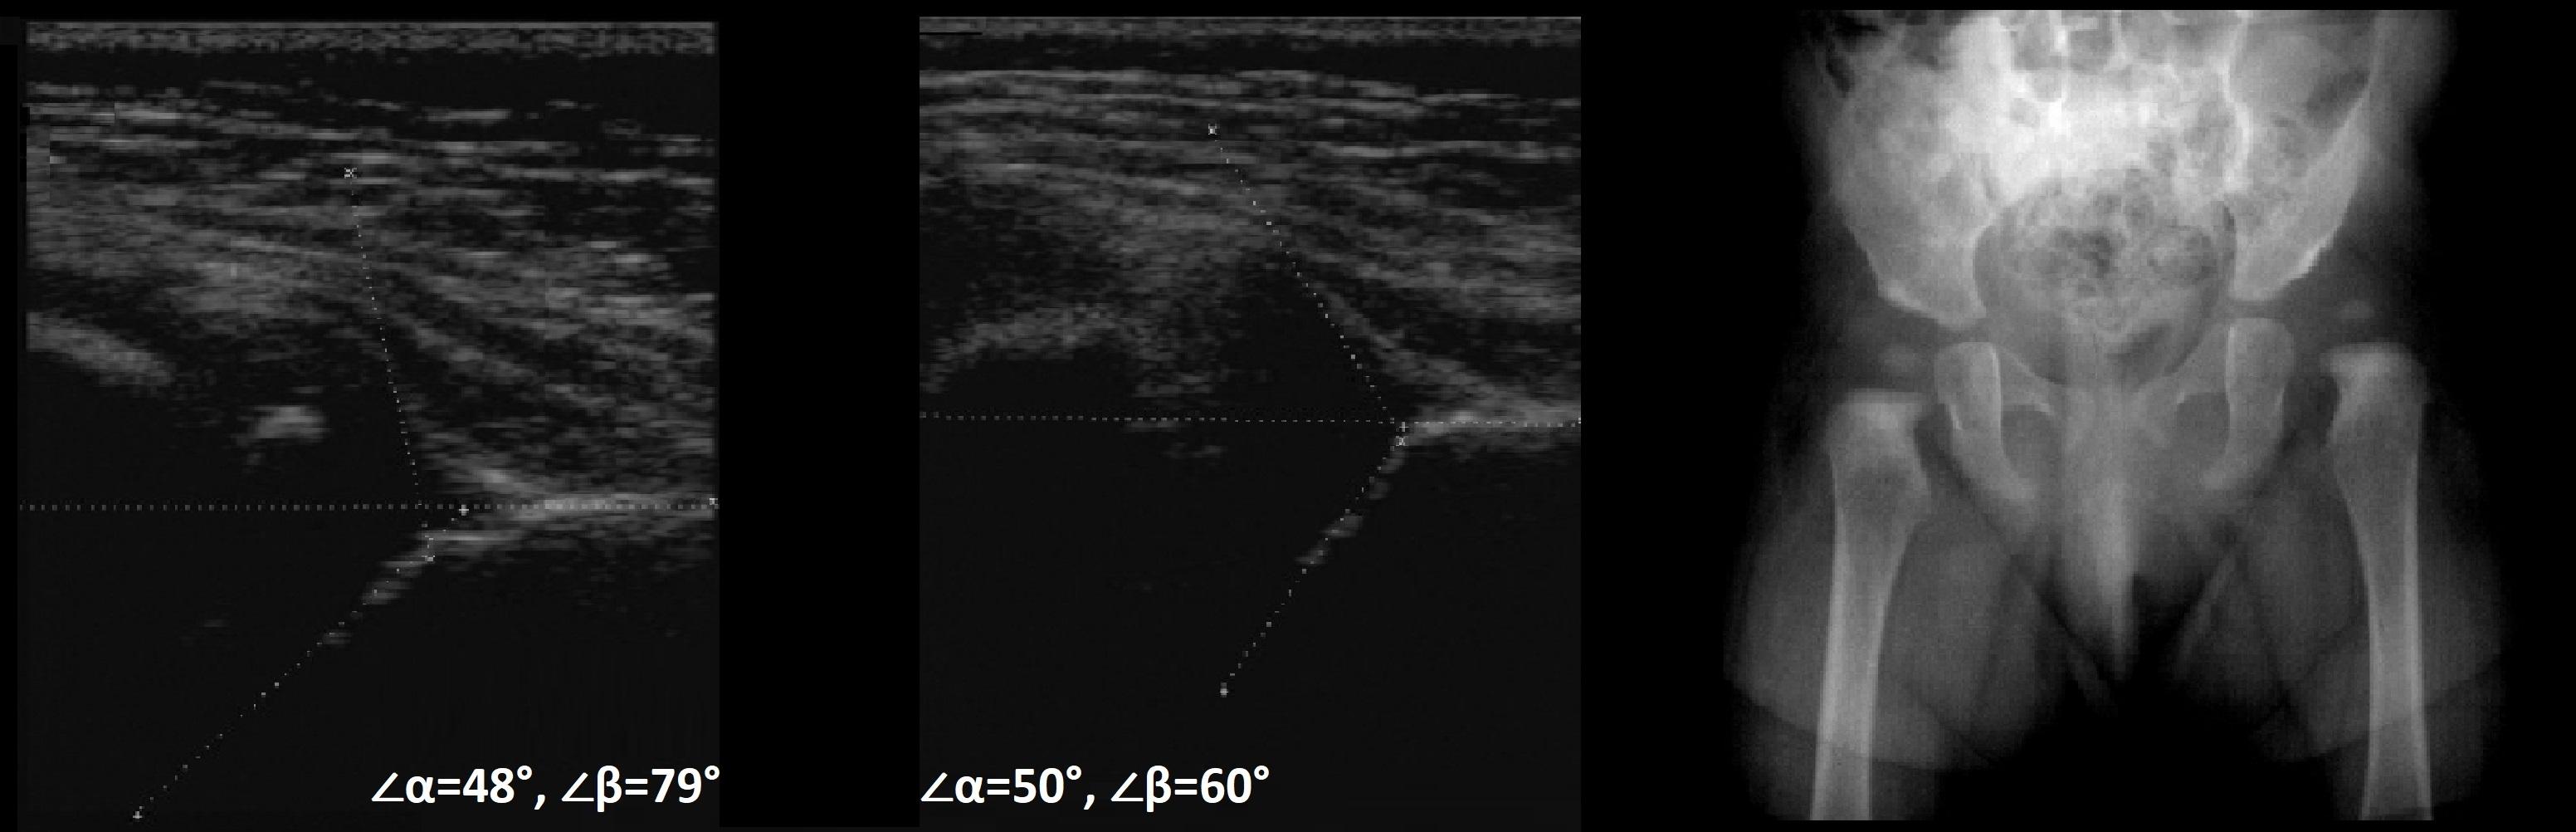 Измерить угол тазобедренный сустав thumbnail